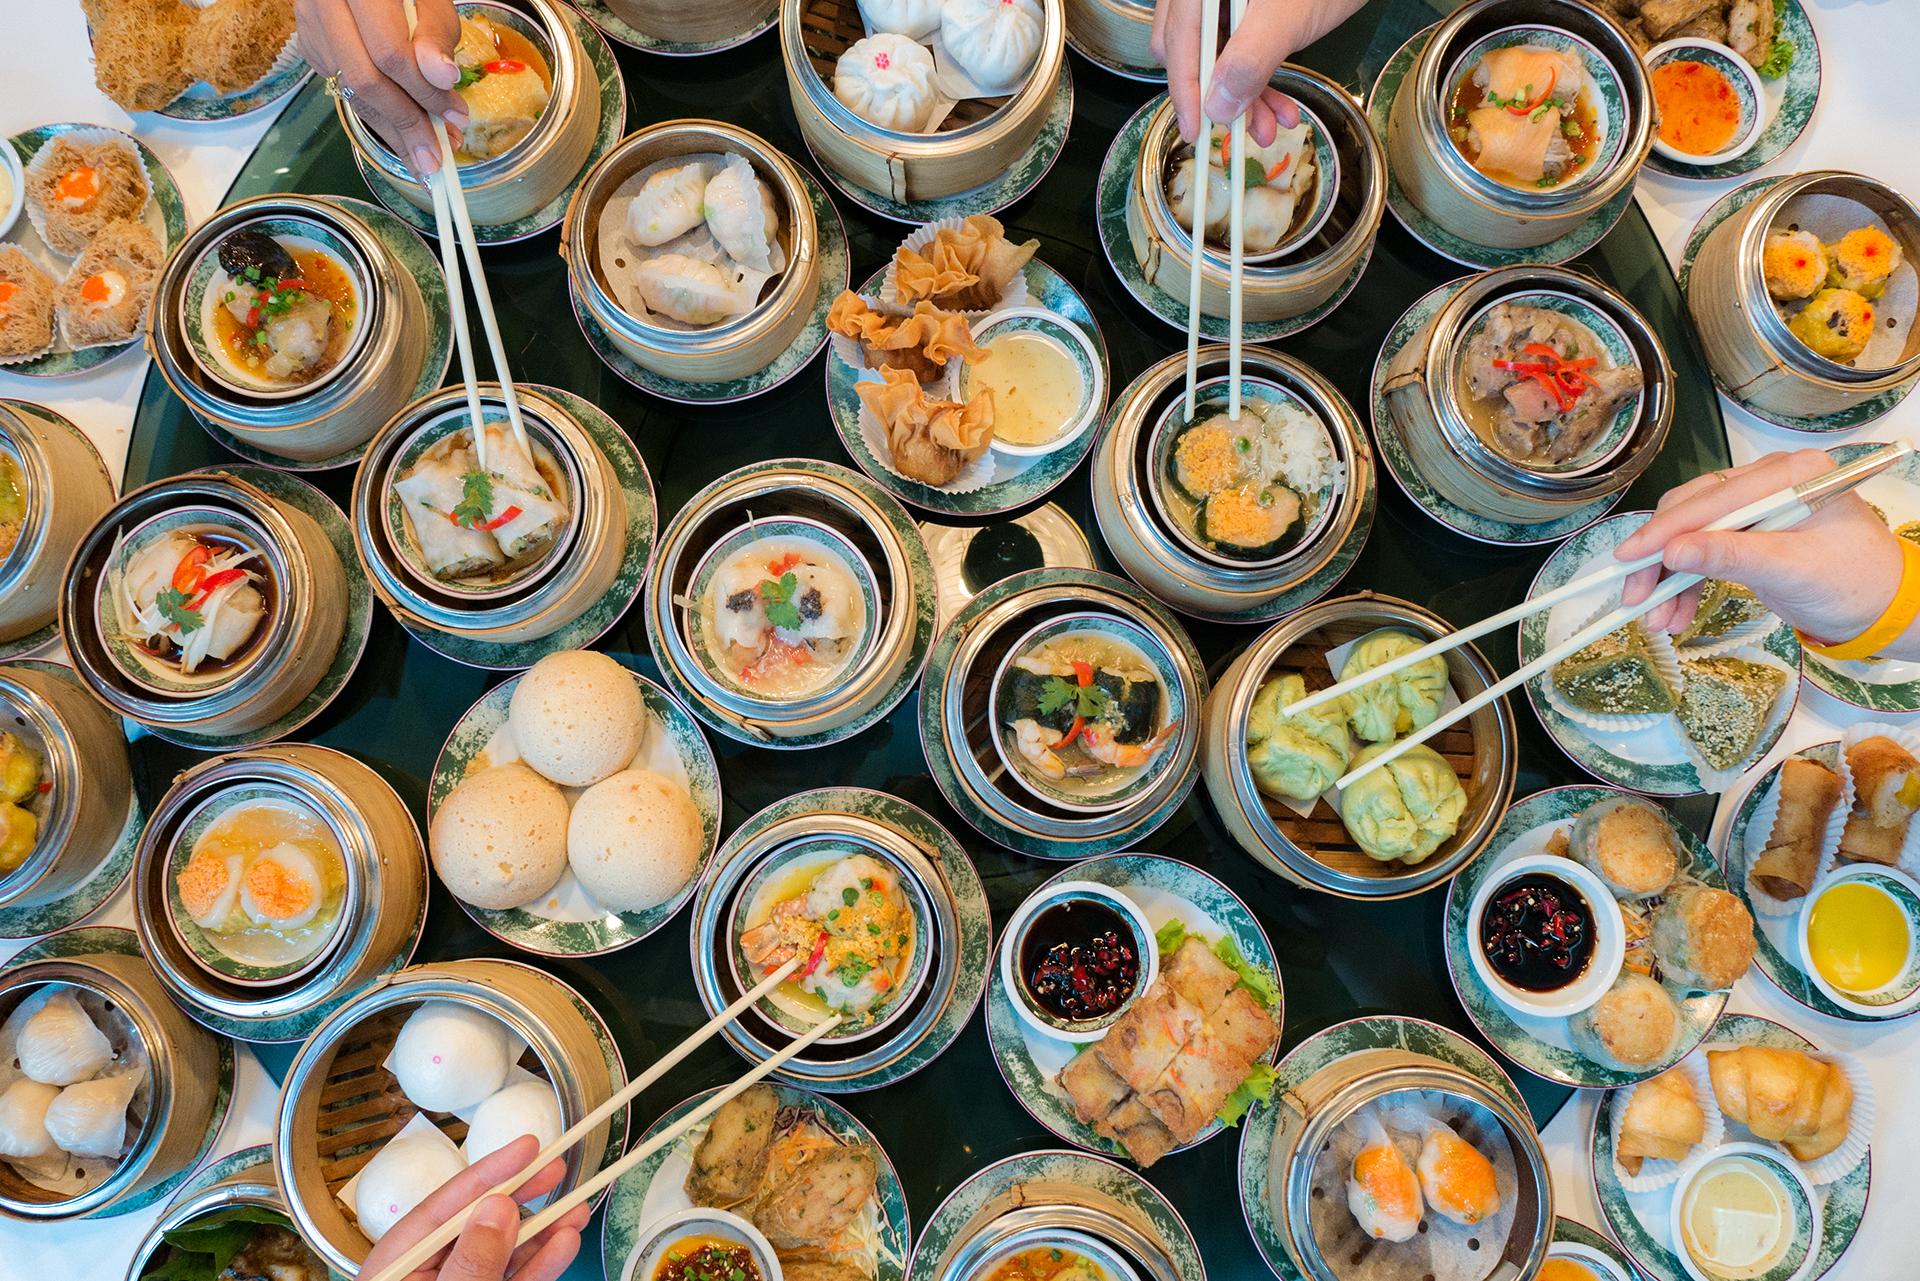 El dim sum es una comida china cantonesa de pequeños platos o canastas que suele servirse con té